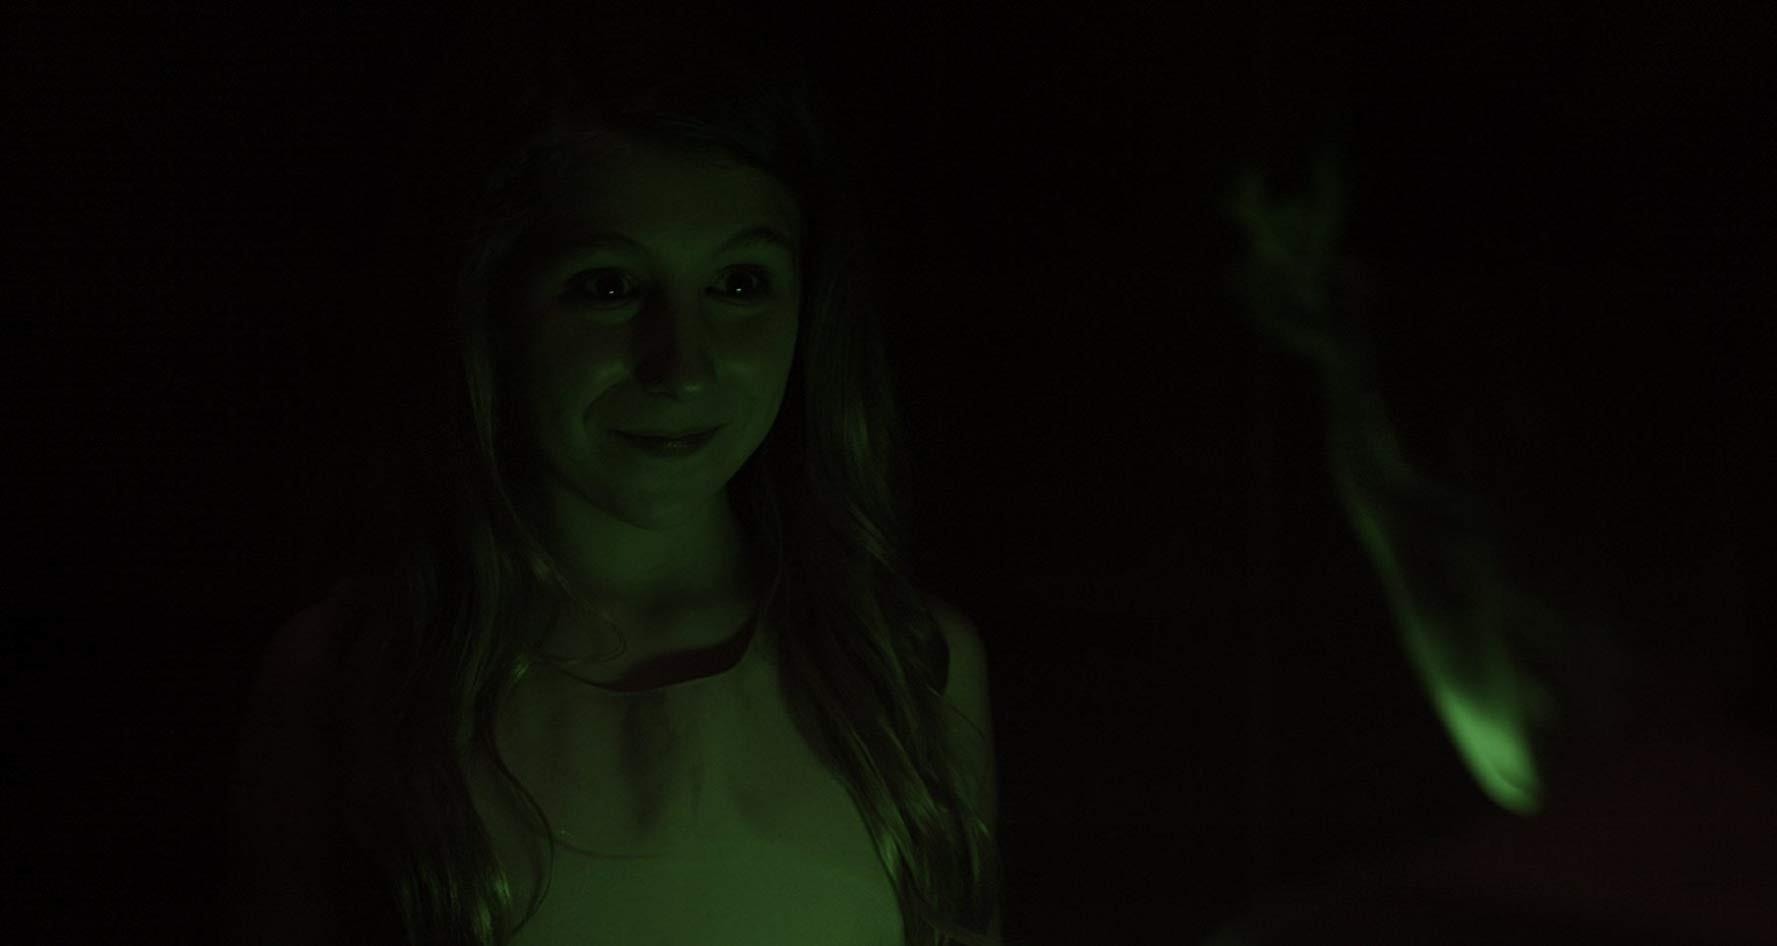 """""""Hide in the Light"""": Câu chuyện bi hài về con ác quỷ đáng thương nhất thế gian - Ảnh 4."""